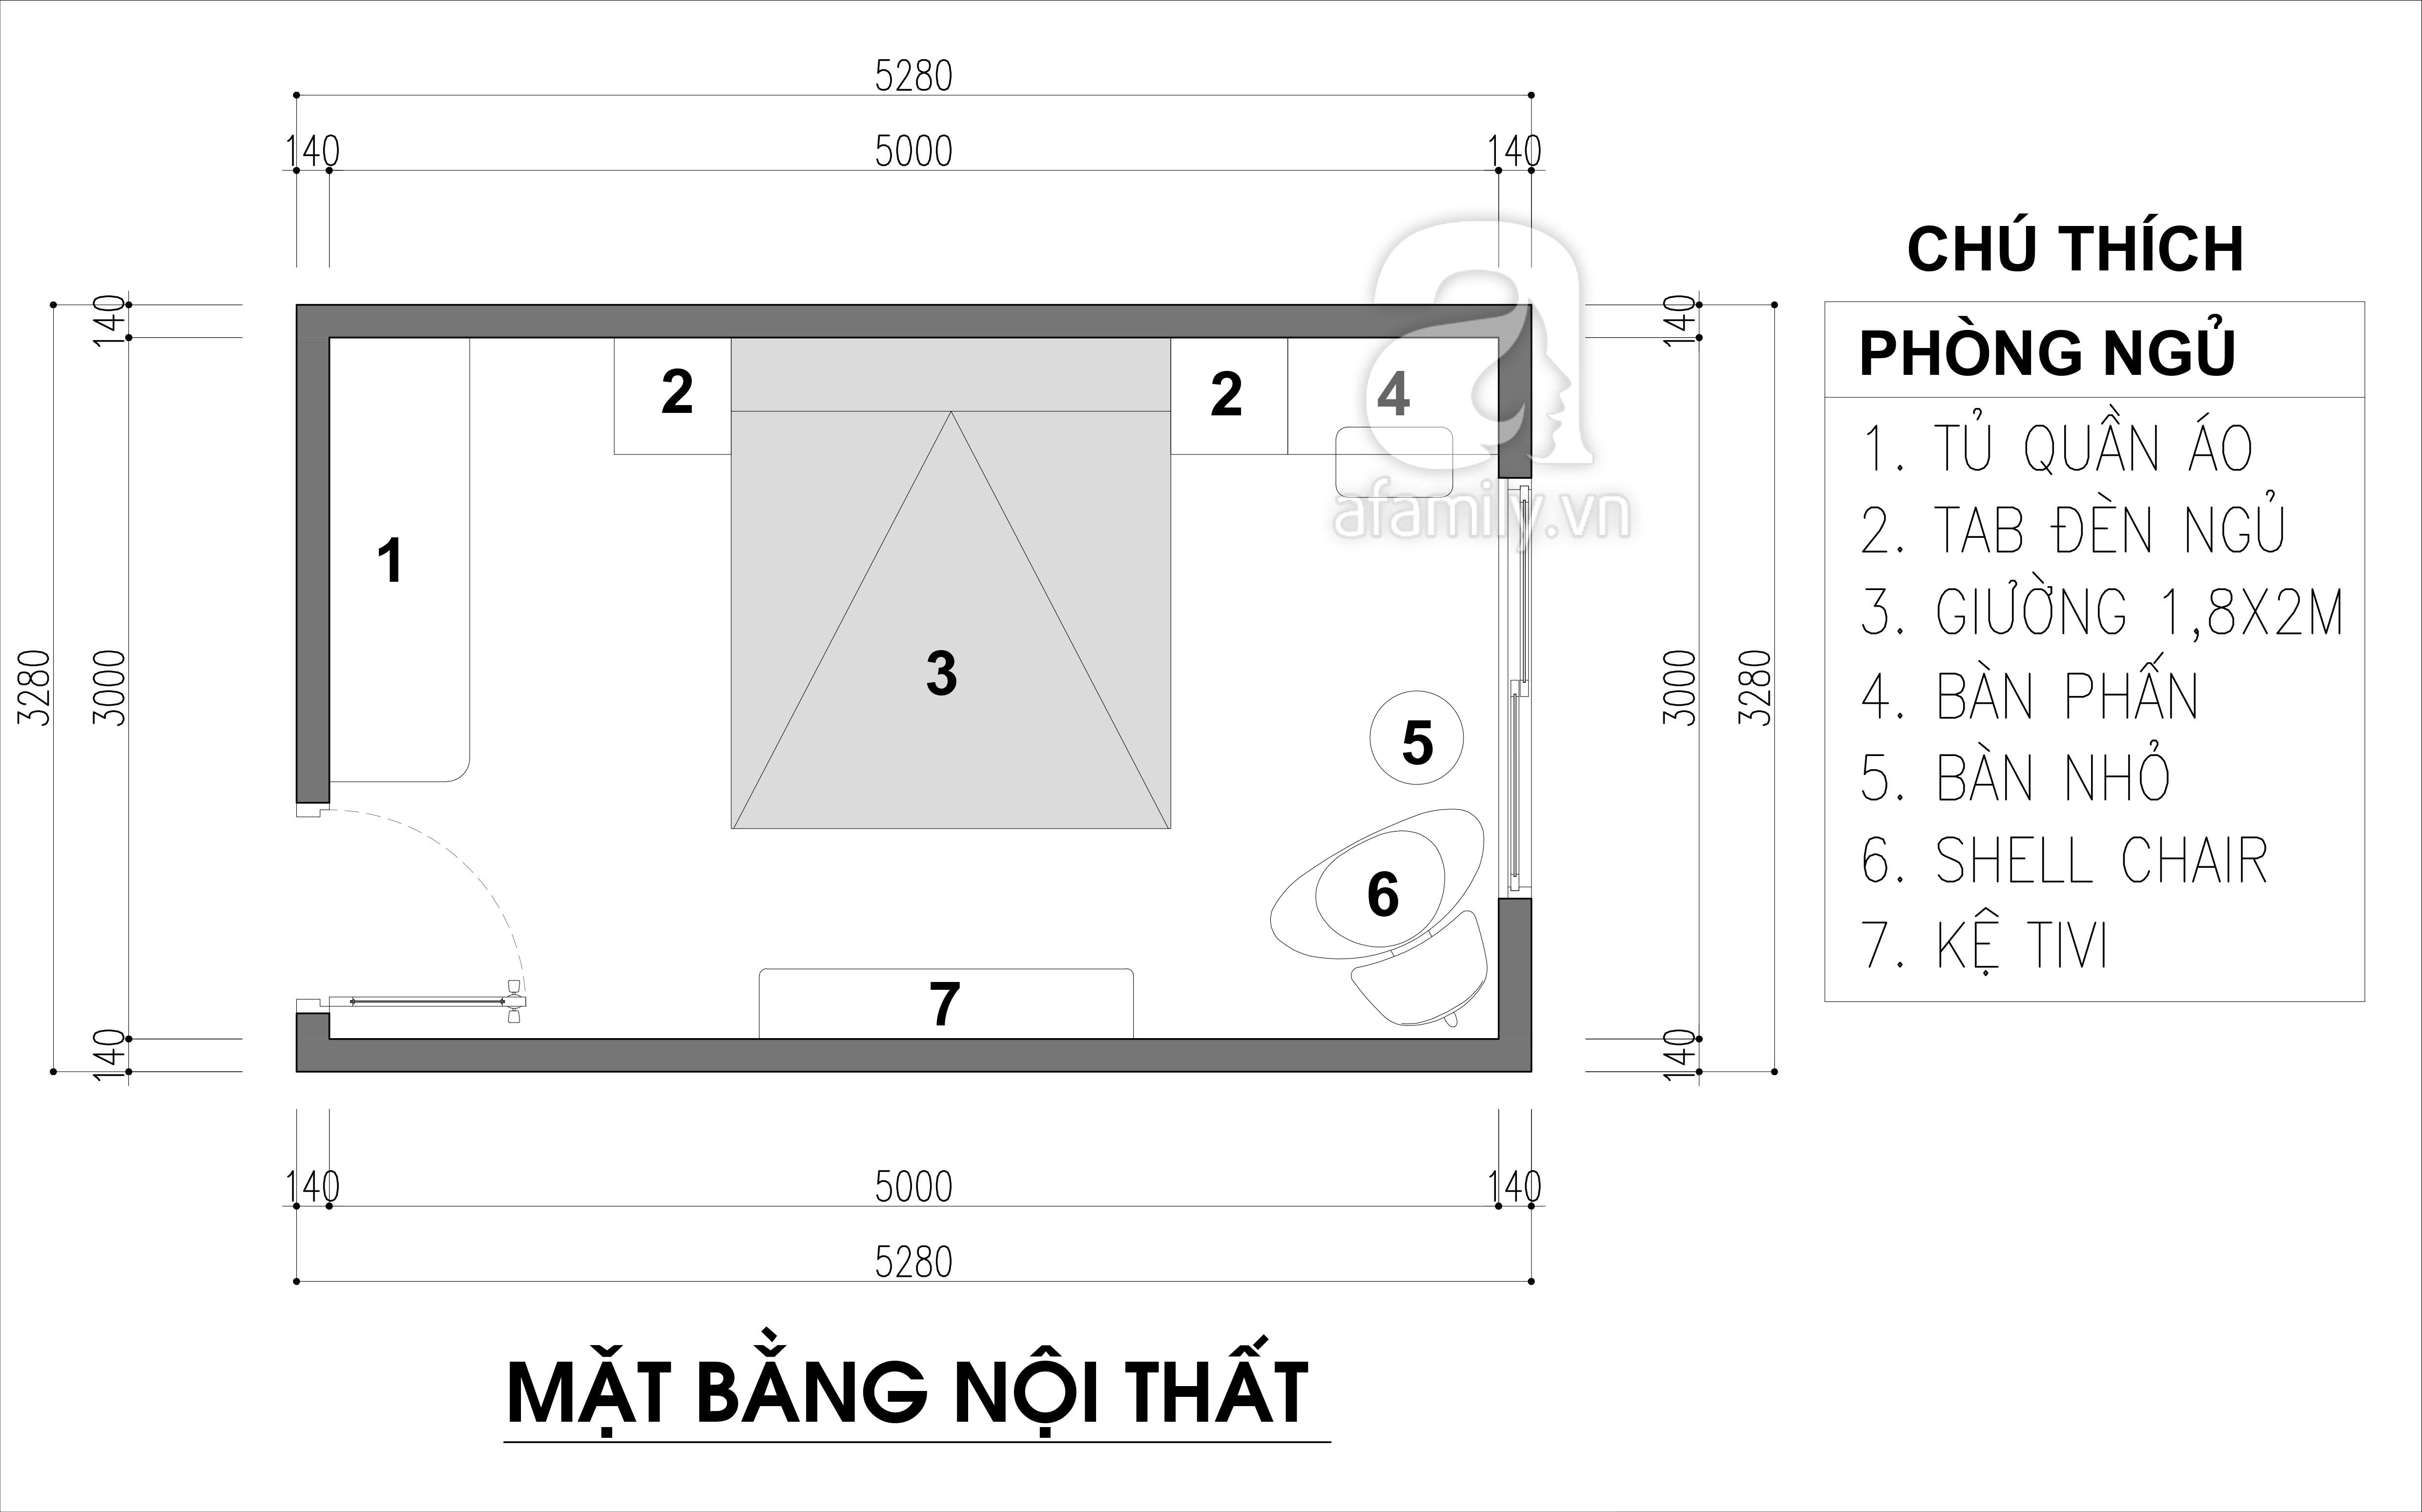 Ý tưởng thiết kế nội thất phòng ngủ diện tích 15m² với tổng chi phí 20 triệu đồng - Ảnh 2.